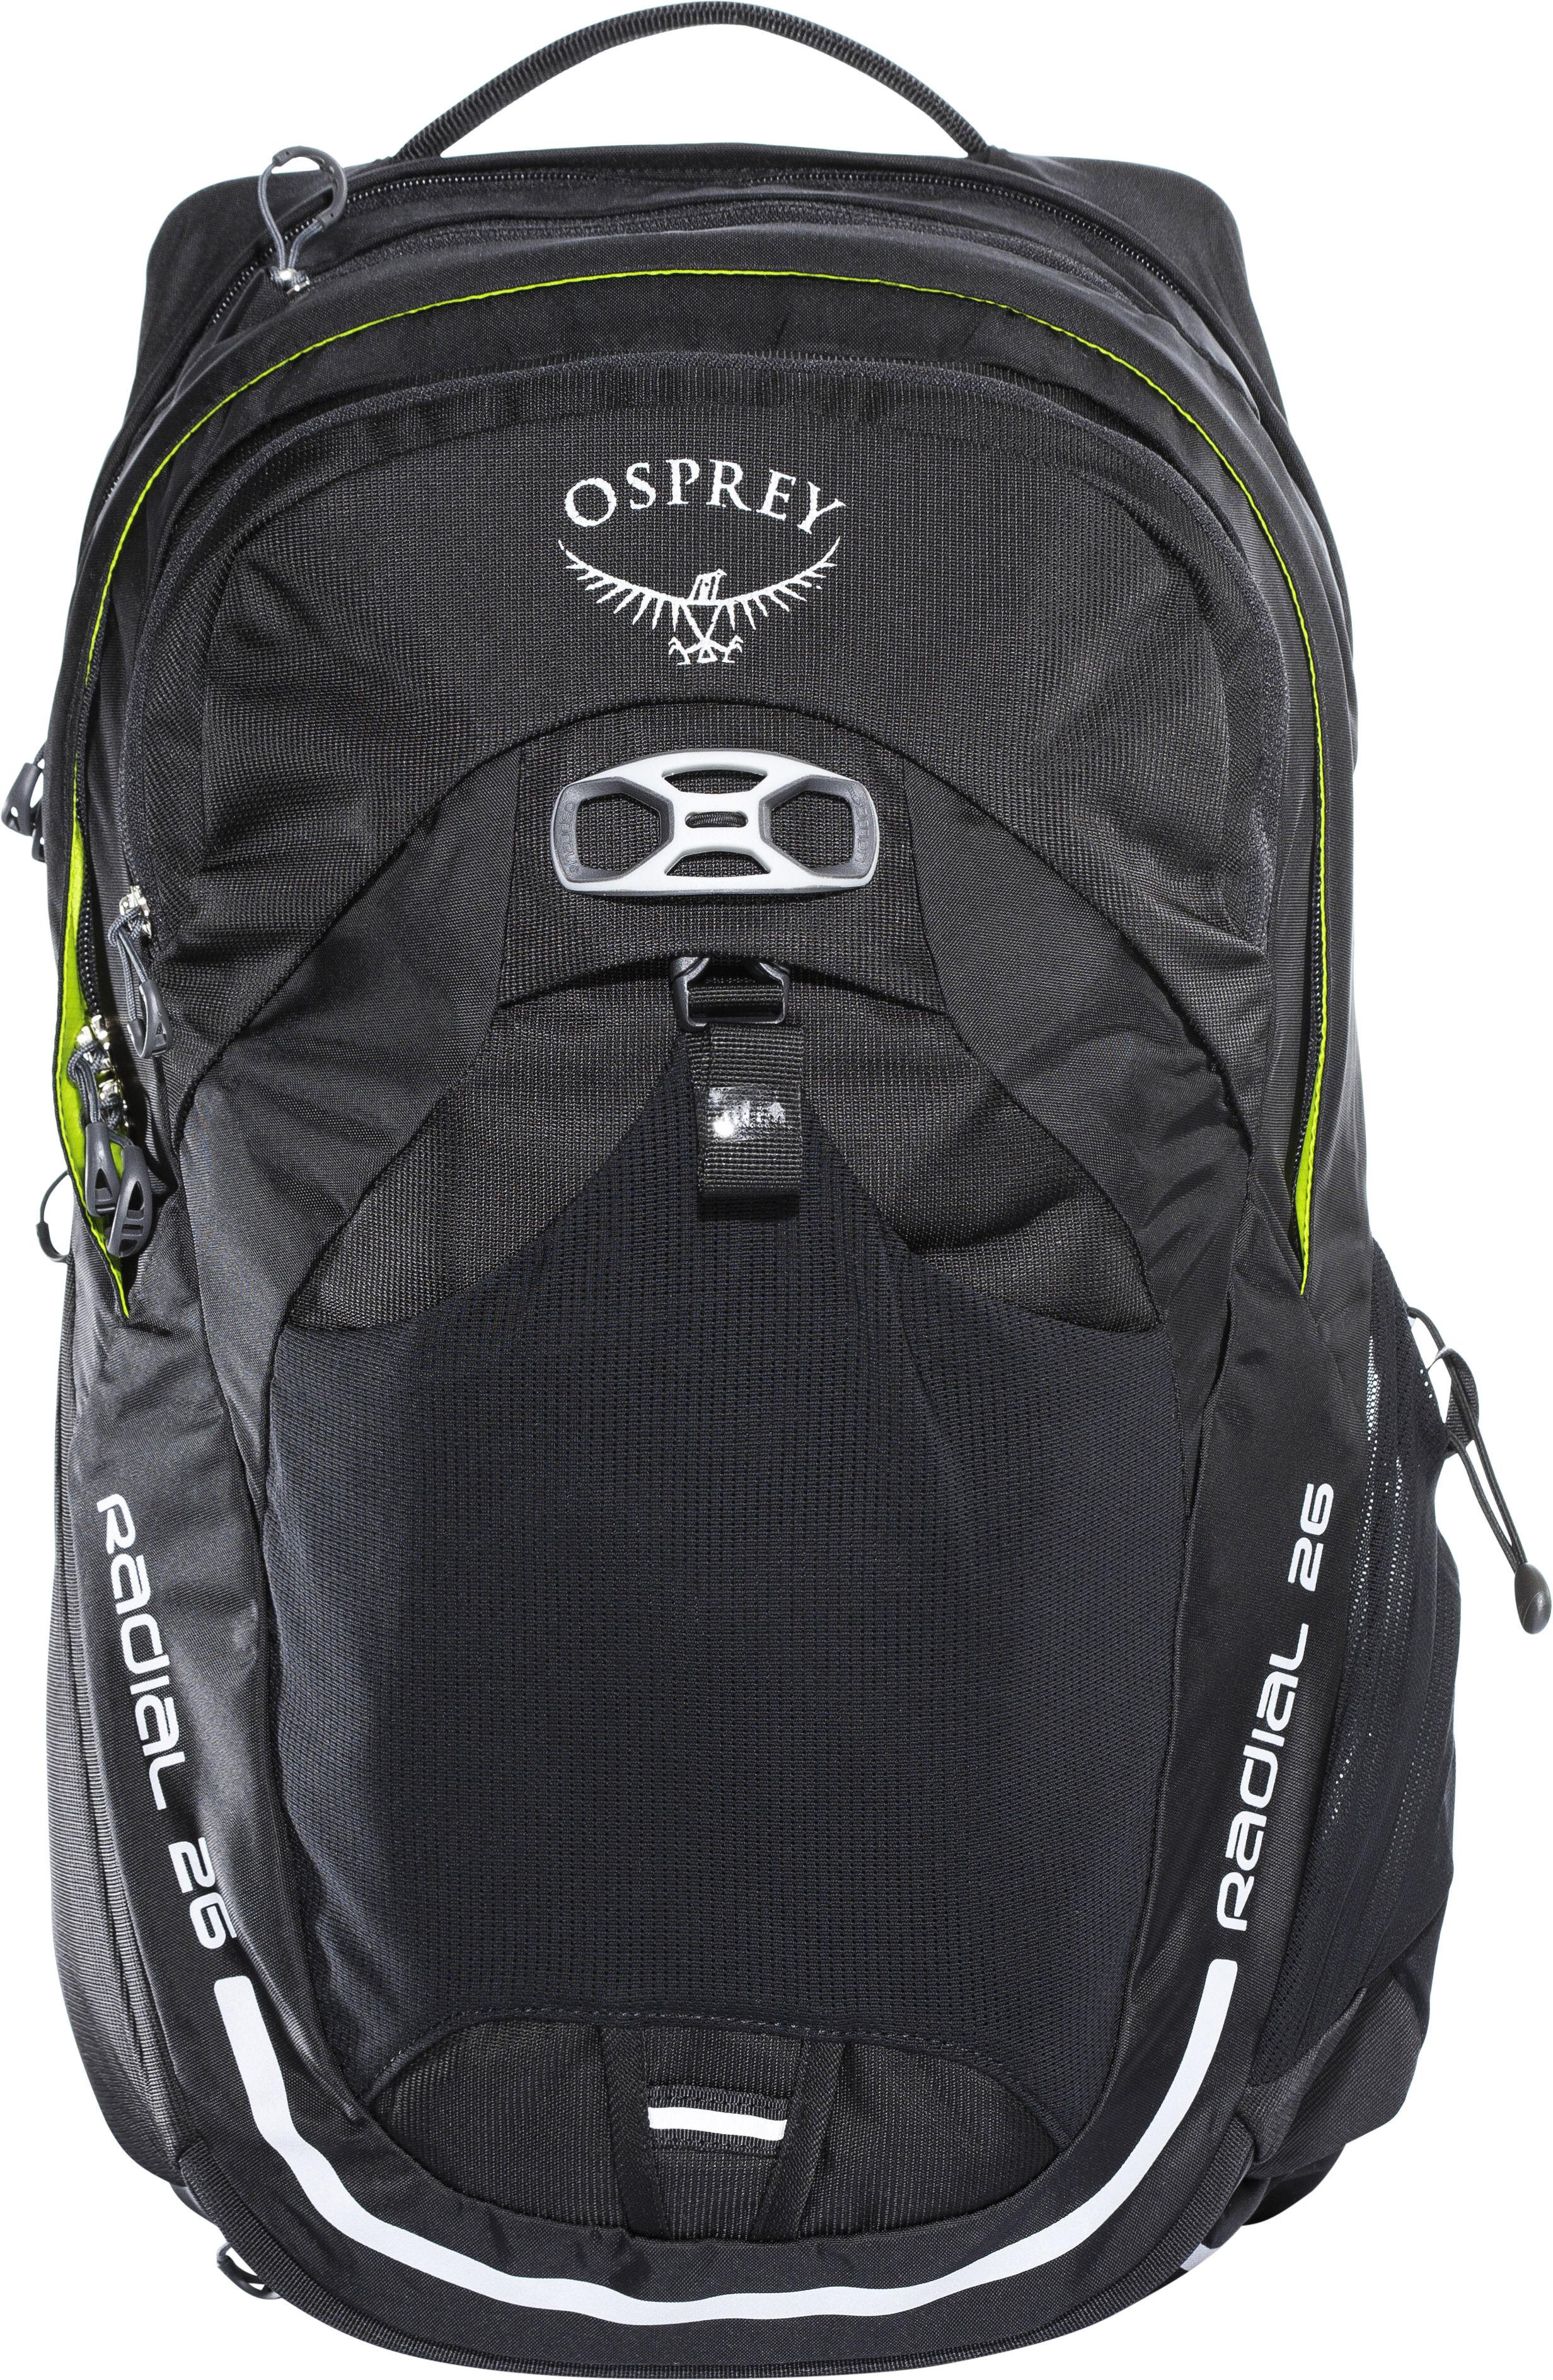 12f66fc015 Osprey Radial 26 Backpack M L black at Bikester.co.uk